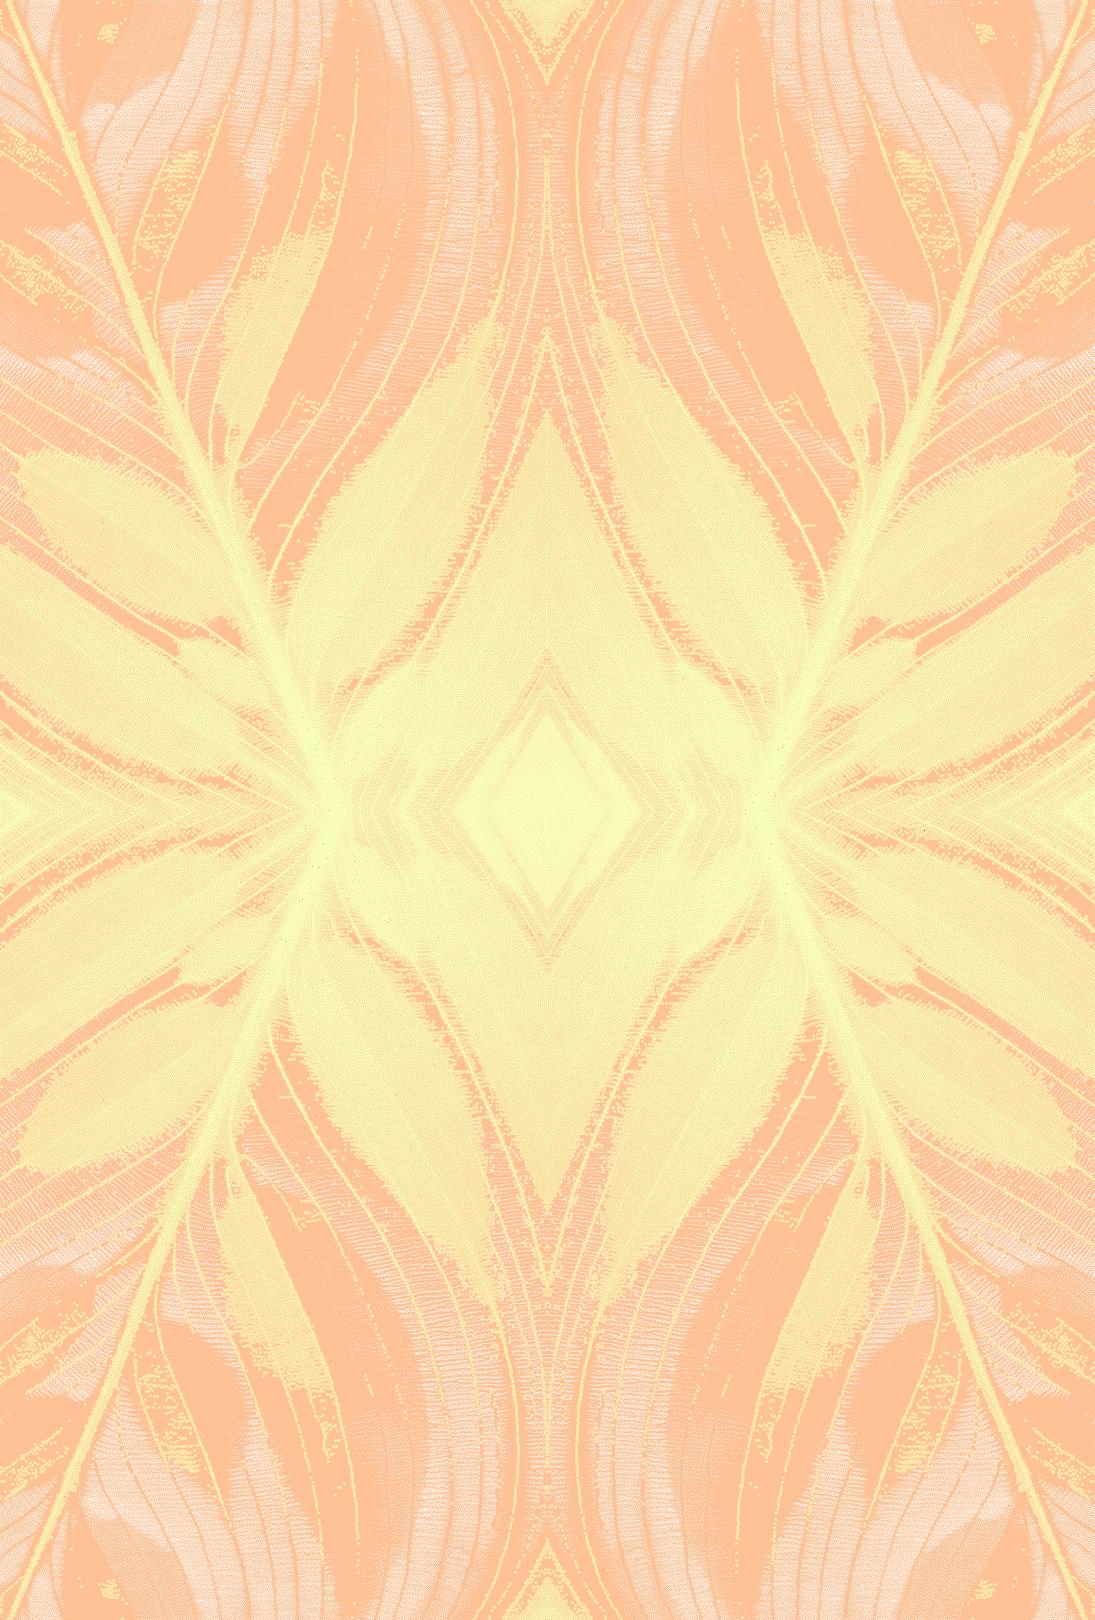 LEEBECCA x EMDAL > COLLAB  Soft & Serene, Emdal artwork for transparent drapes in 3D